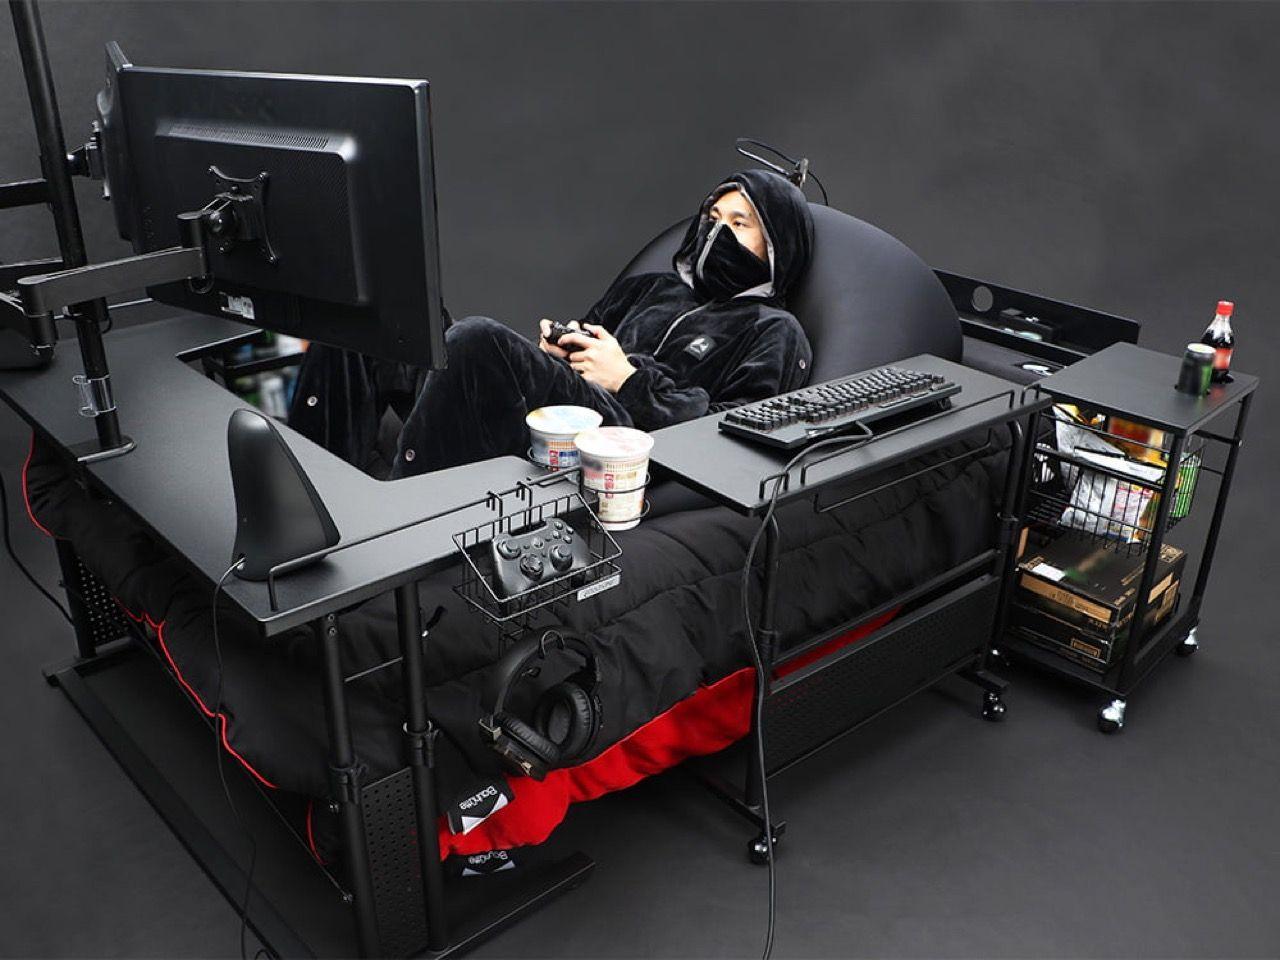 Bauhutte släpper sängar för gamers